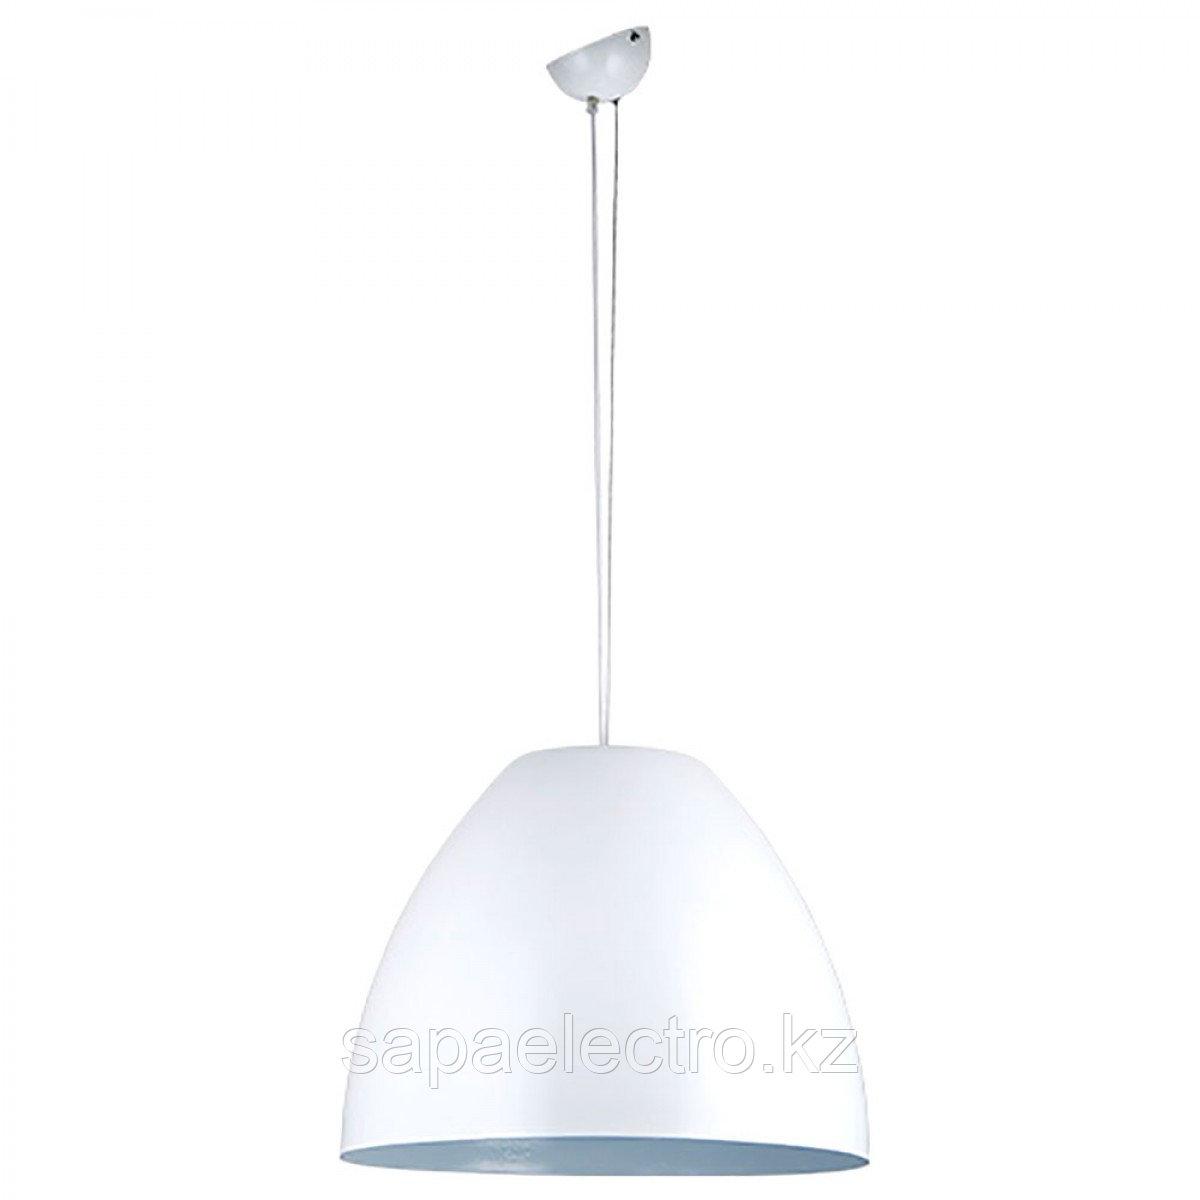 Свет-к SL002 WHITE E27 100W (TEKSAN) 5шт